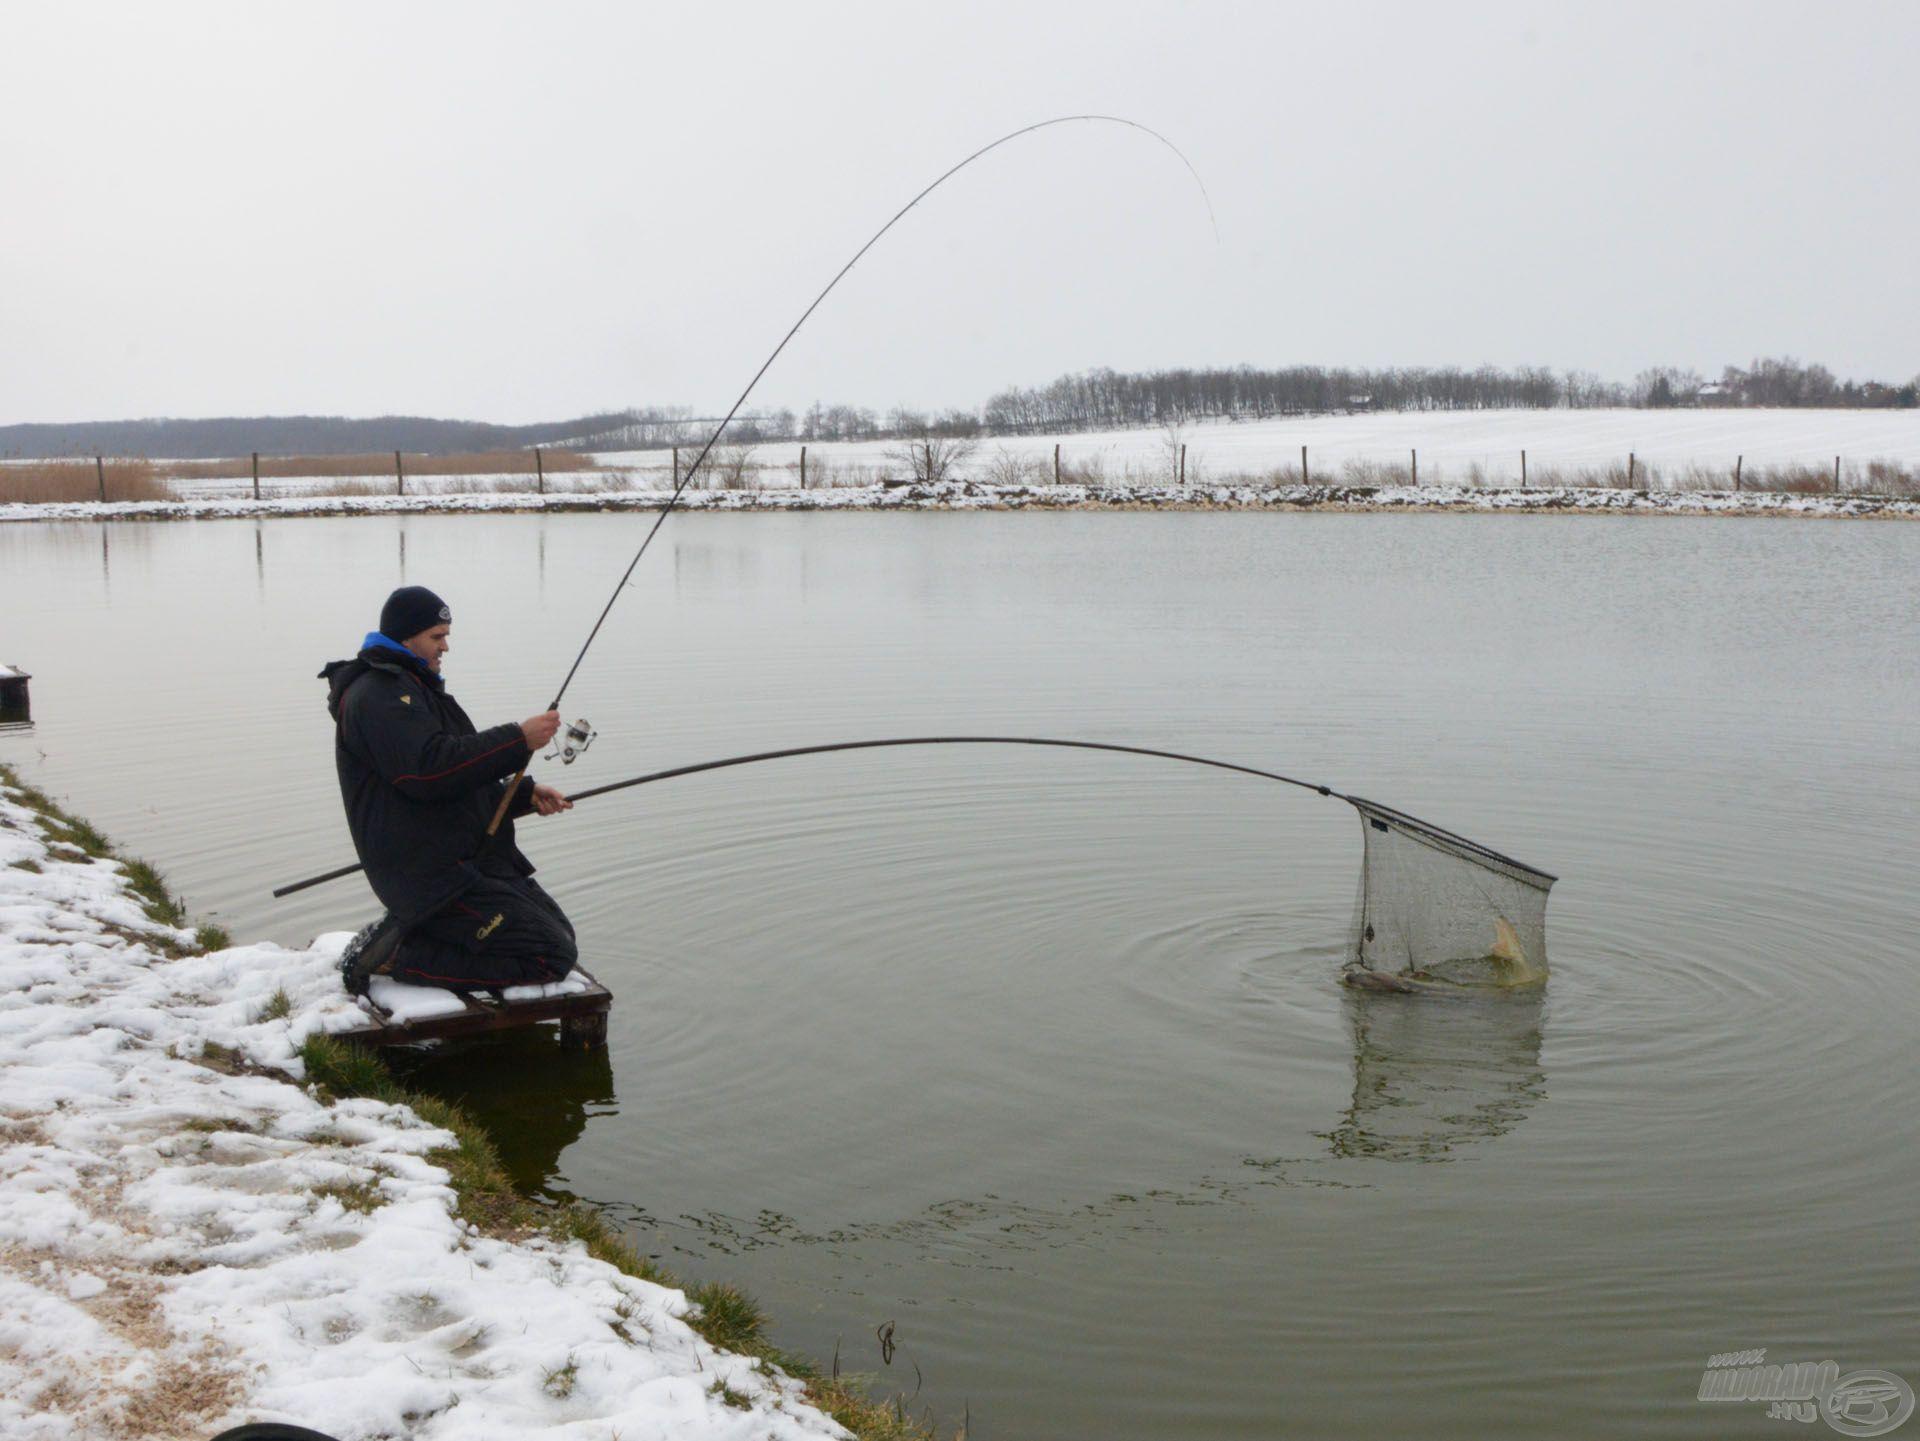 A By Döme TF Master Carp rakós merítő nyéllel és a Giant merítő fejjel akár egyedül is biztonságosan meg lehet meríteni a nagy halakat